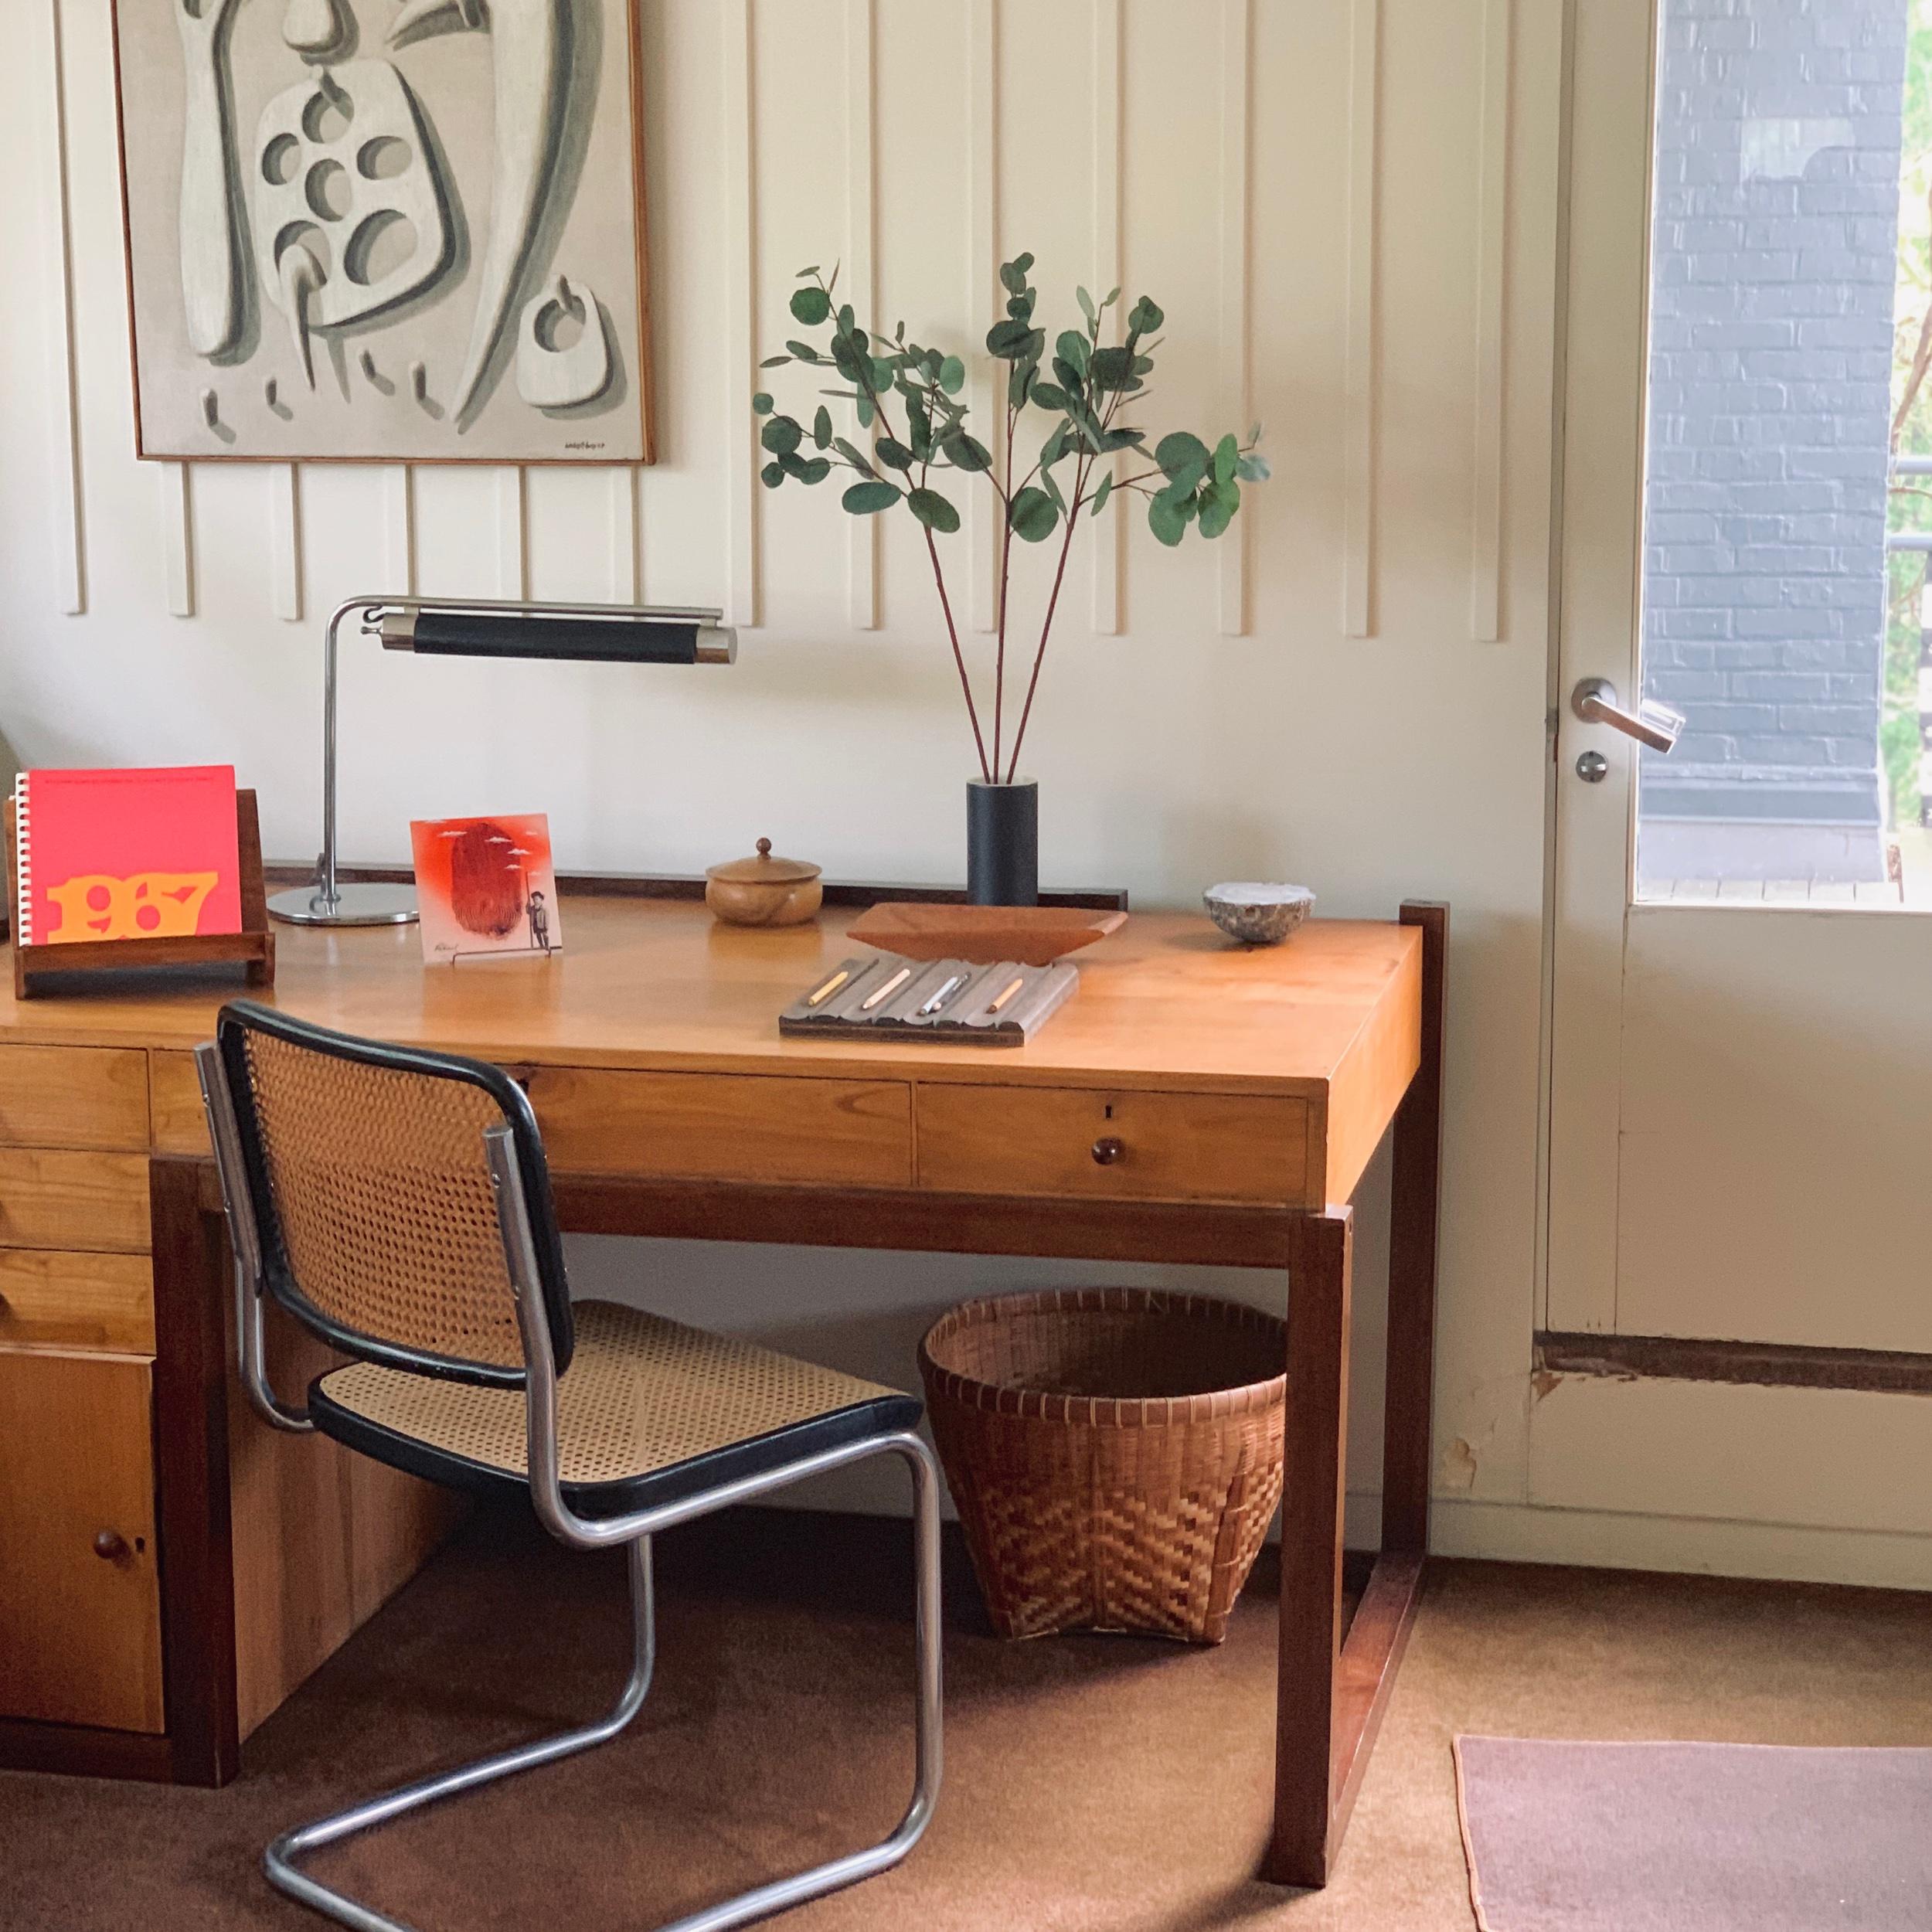 The Desk of Ati Gropius